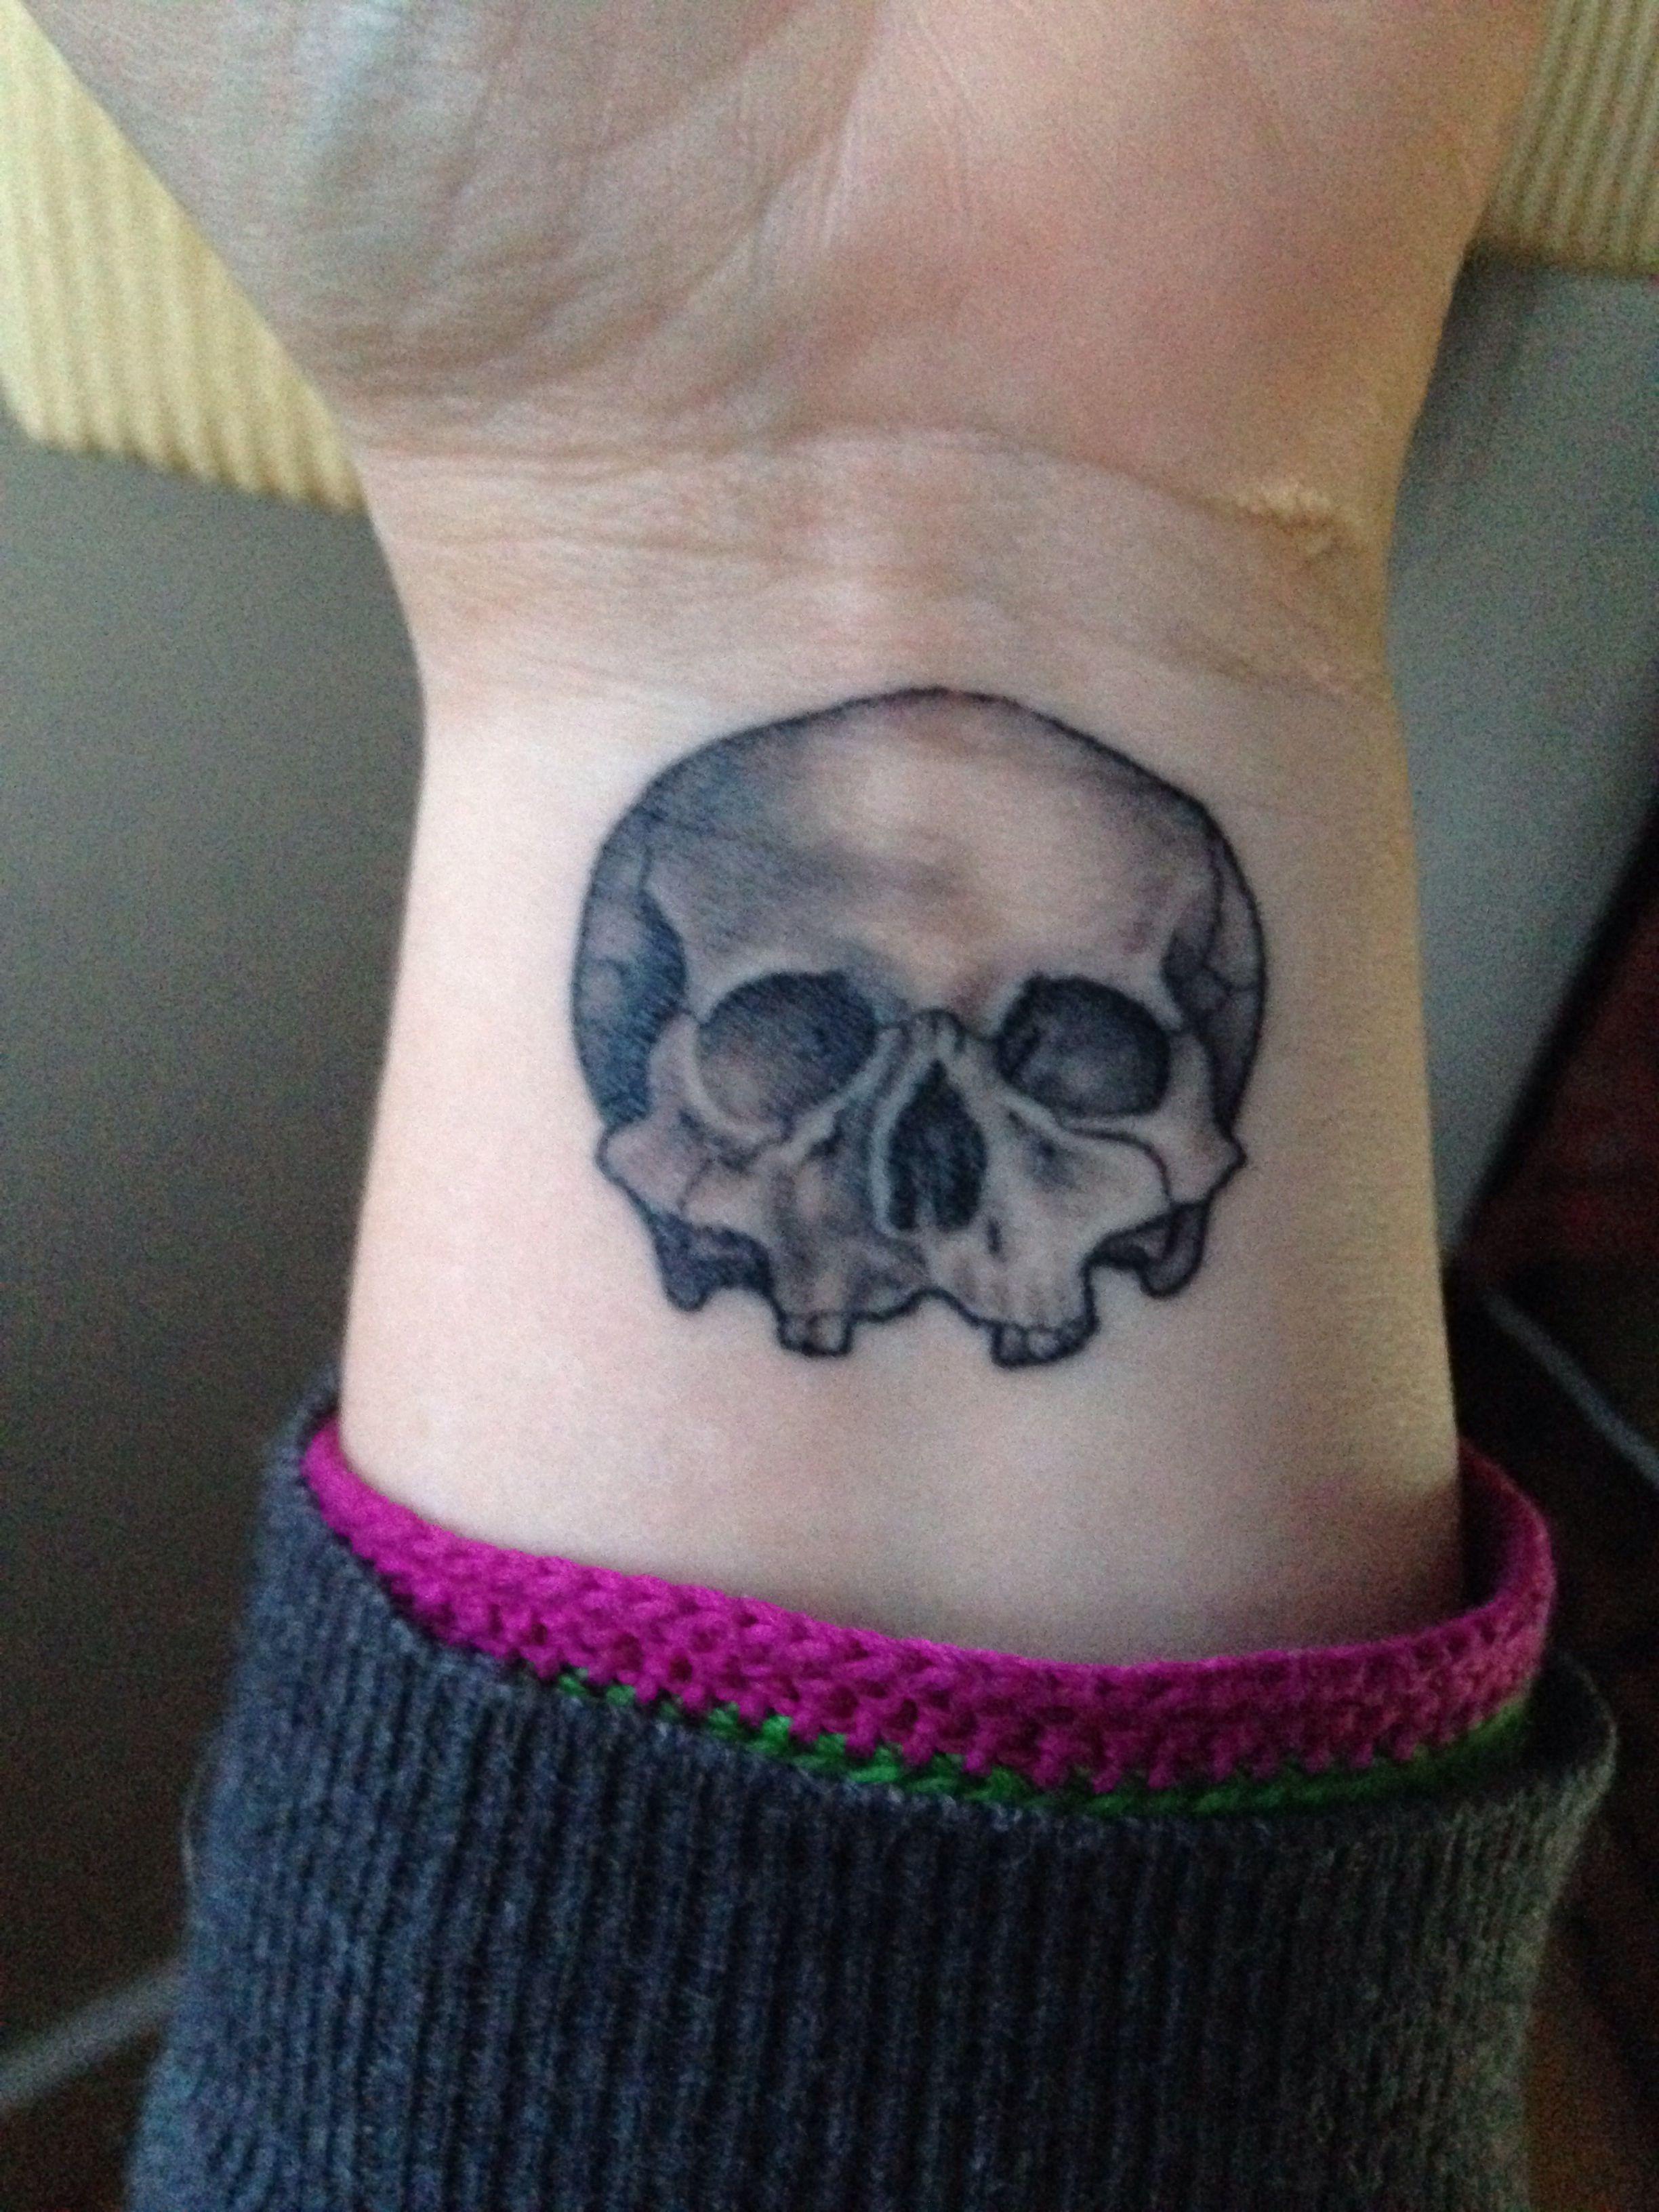 Wrist Skull Tattoo Peruvian Skull From The Temple Of The Sun Wrist